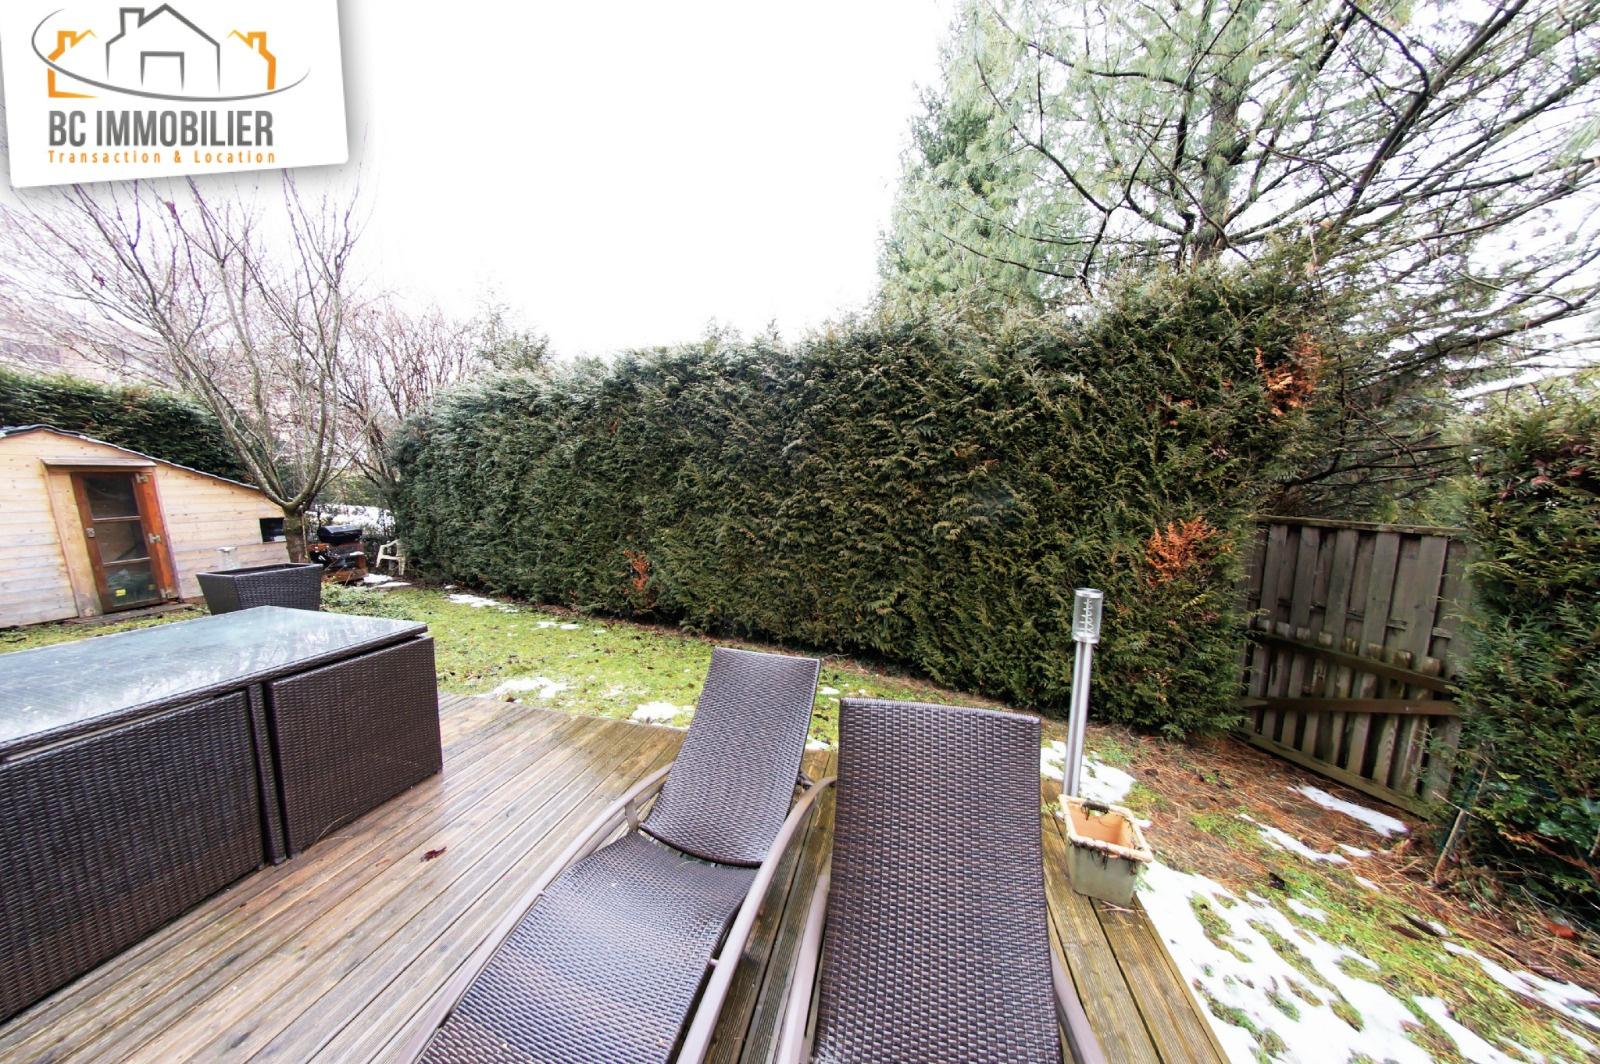 Vente magnifique t2 de 49m2 avec jardin de 120m2 for Jardin 120m2